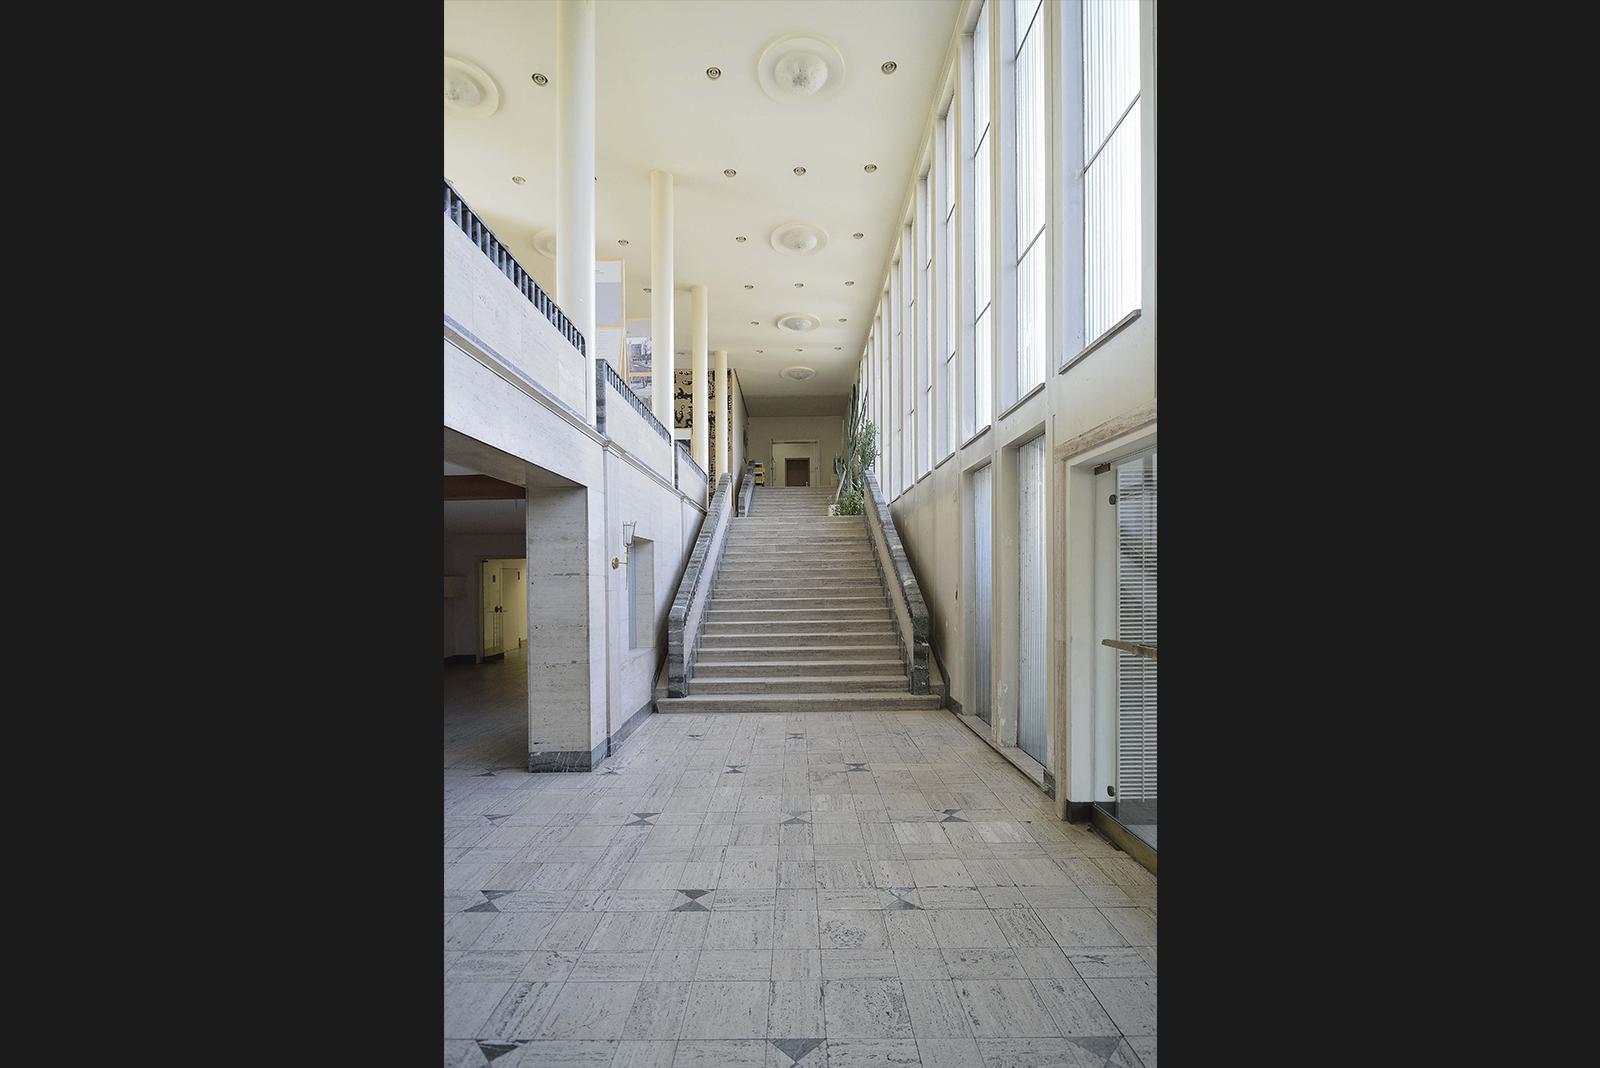 Saarbrücken Pingusson Treppenaufgang © Heiko Lukas